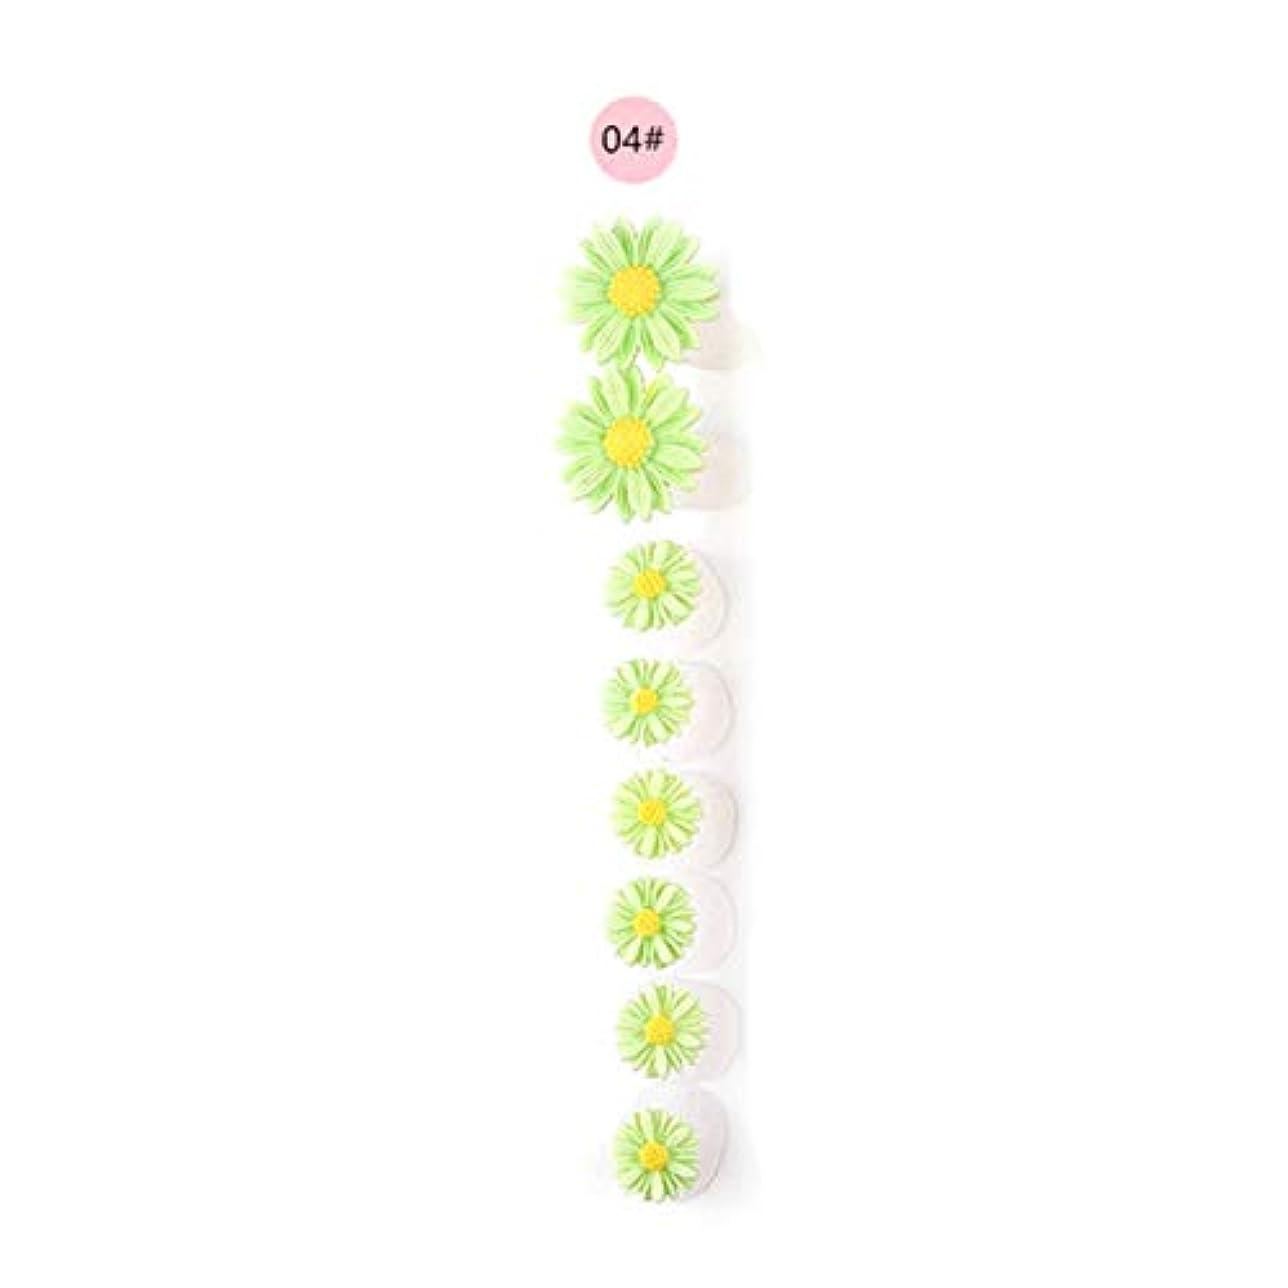 安定再編成するかりて8ピース/セットシリコンつま先セパレーター足つま先スペーサー花形ペディキュアDIYネイルアートツール-カラフル04#